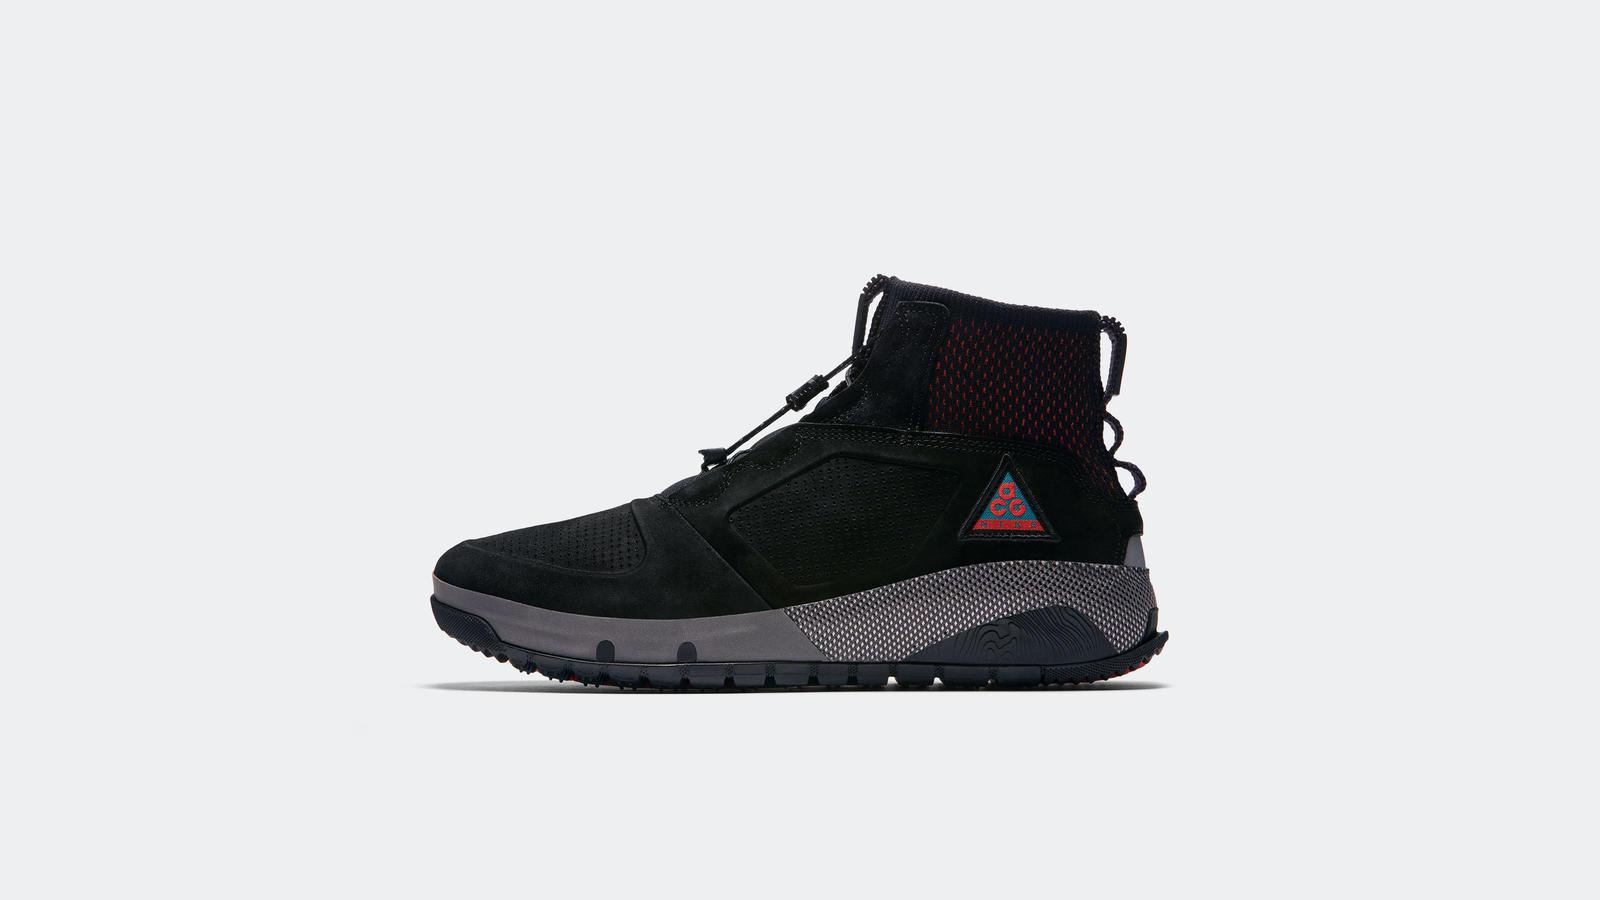 nike roshe two flyknit black, Holiday Deals Nike Sb Blazer